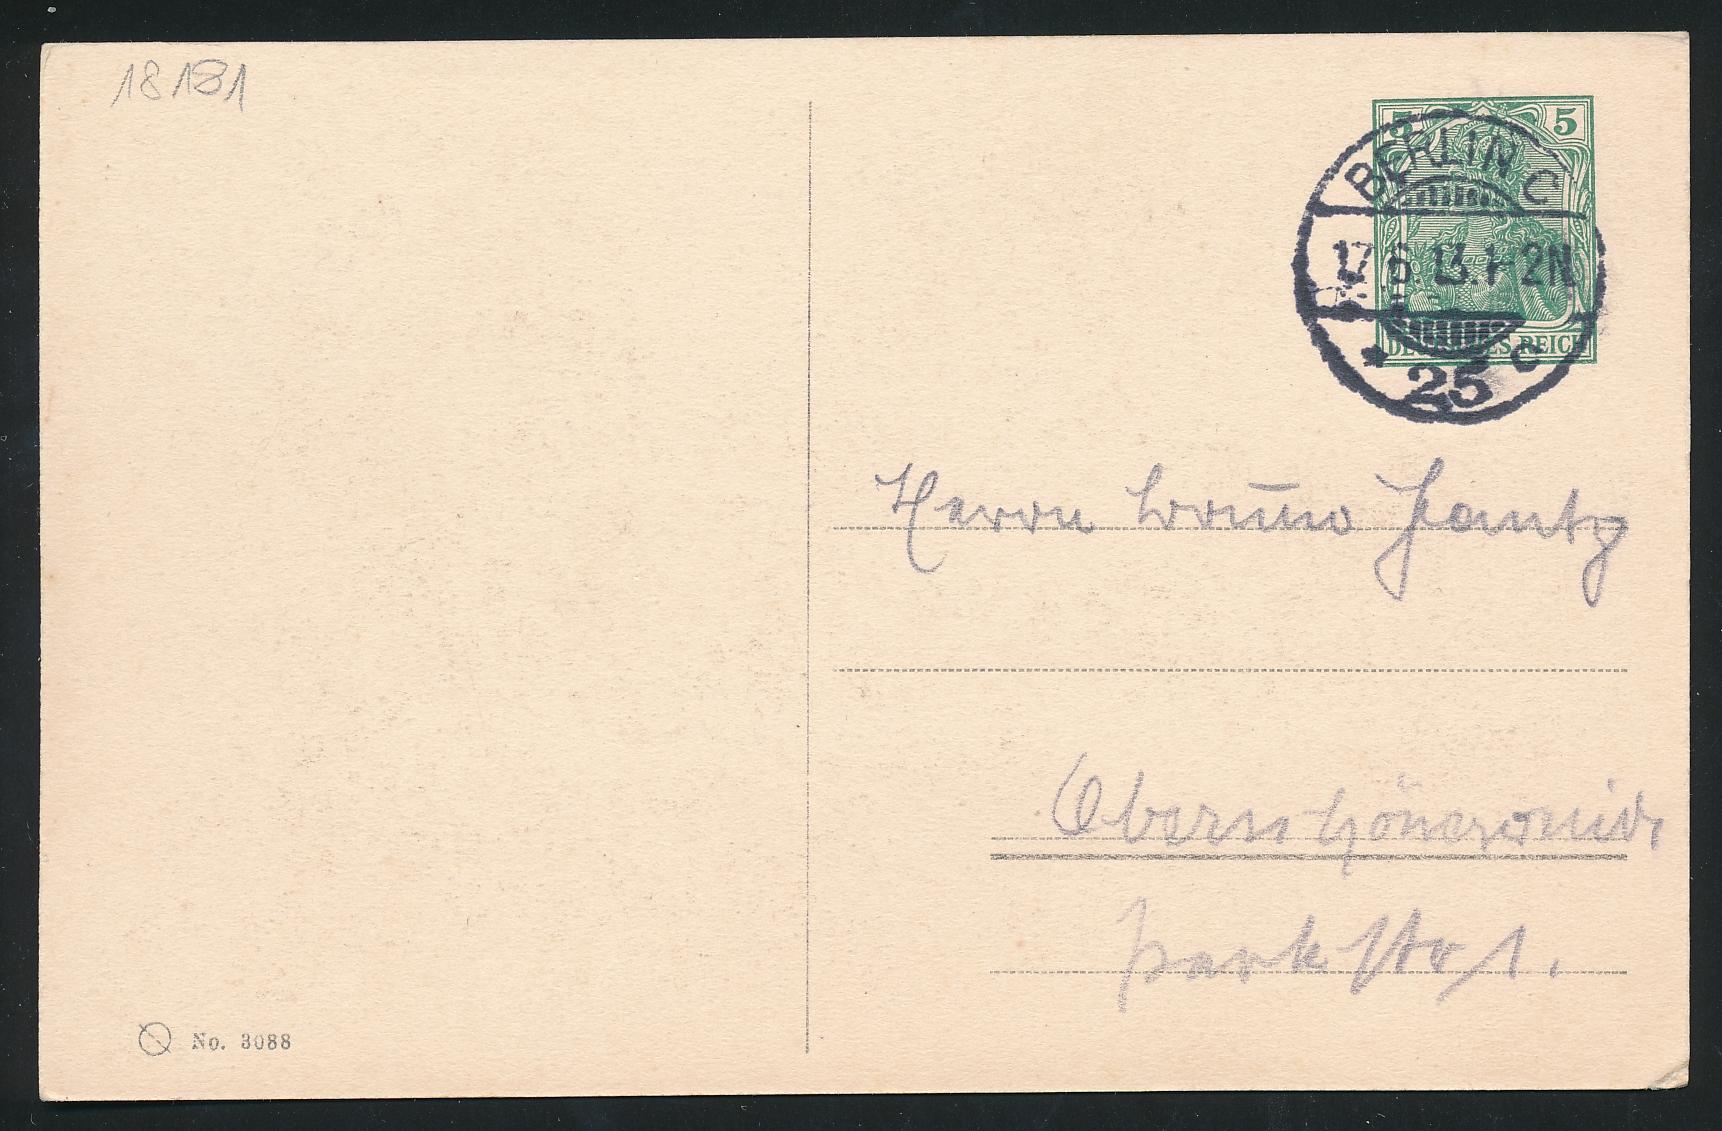 Lot 1654 - Deutsches Reich ab 1872 Privat-Ganzsachen -  Peter Harlos Auctions 42. Harlos Auktion